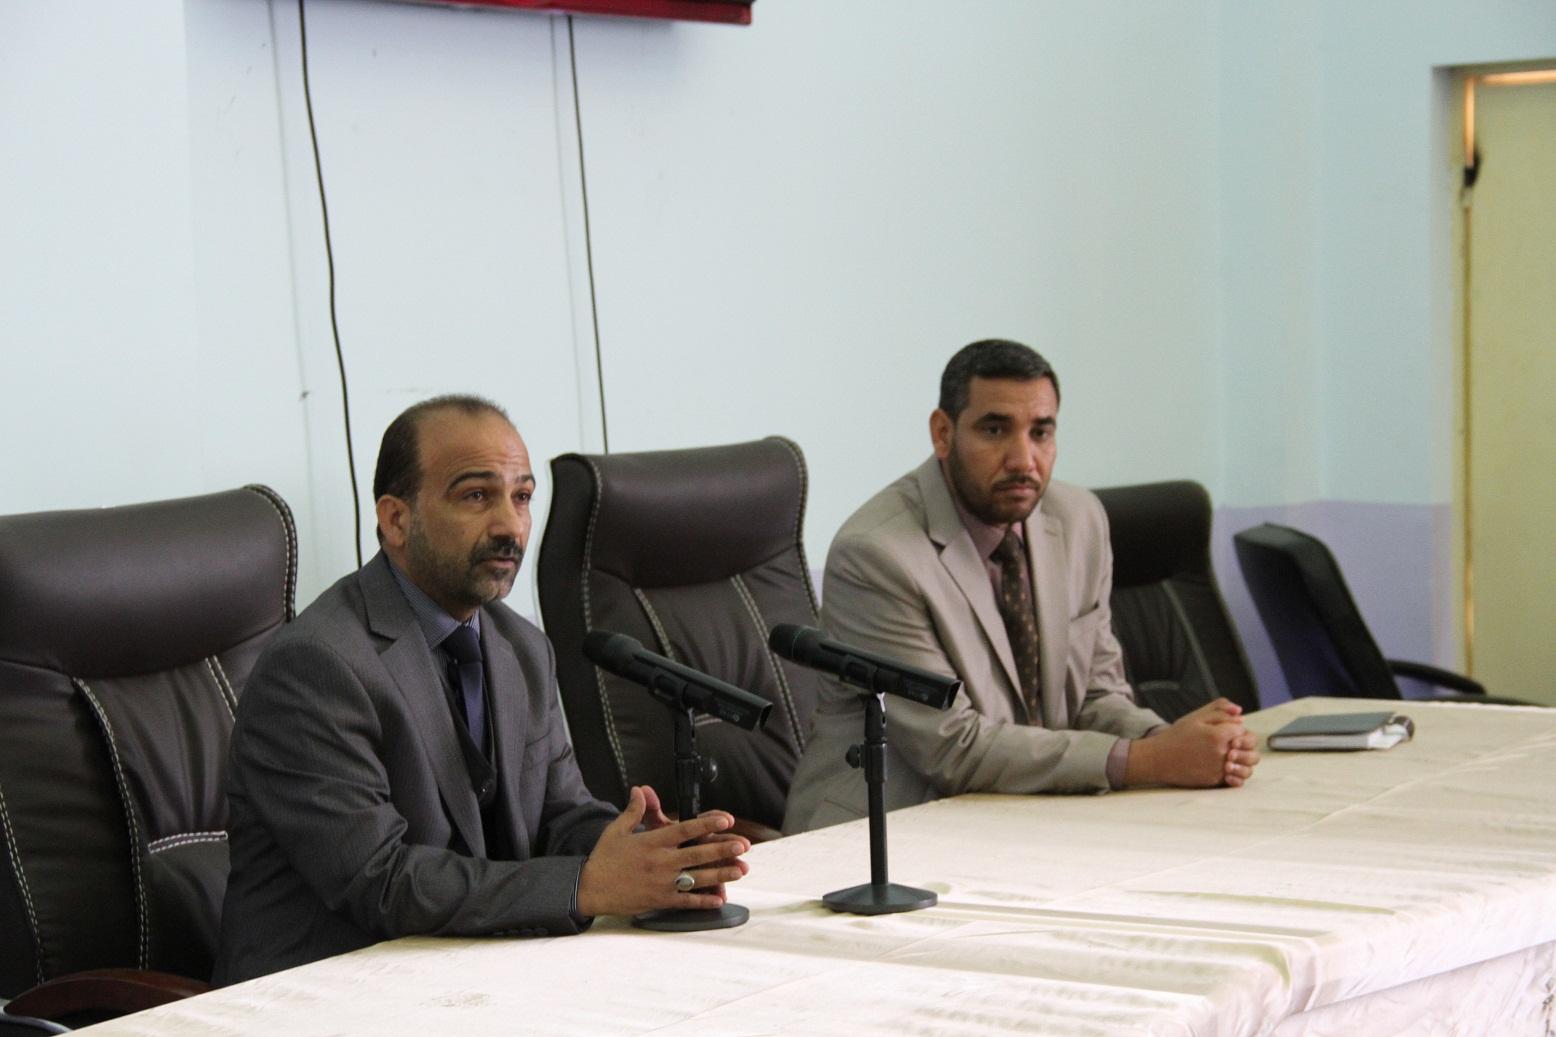 السيد عميد الكلية يجتمع بالكادر الوظيفي في الكلية